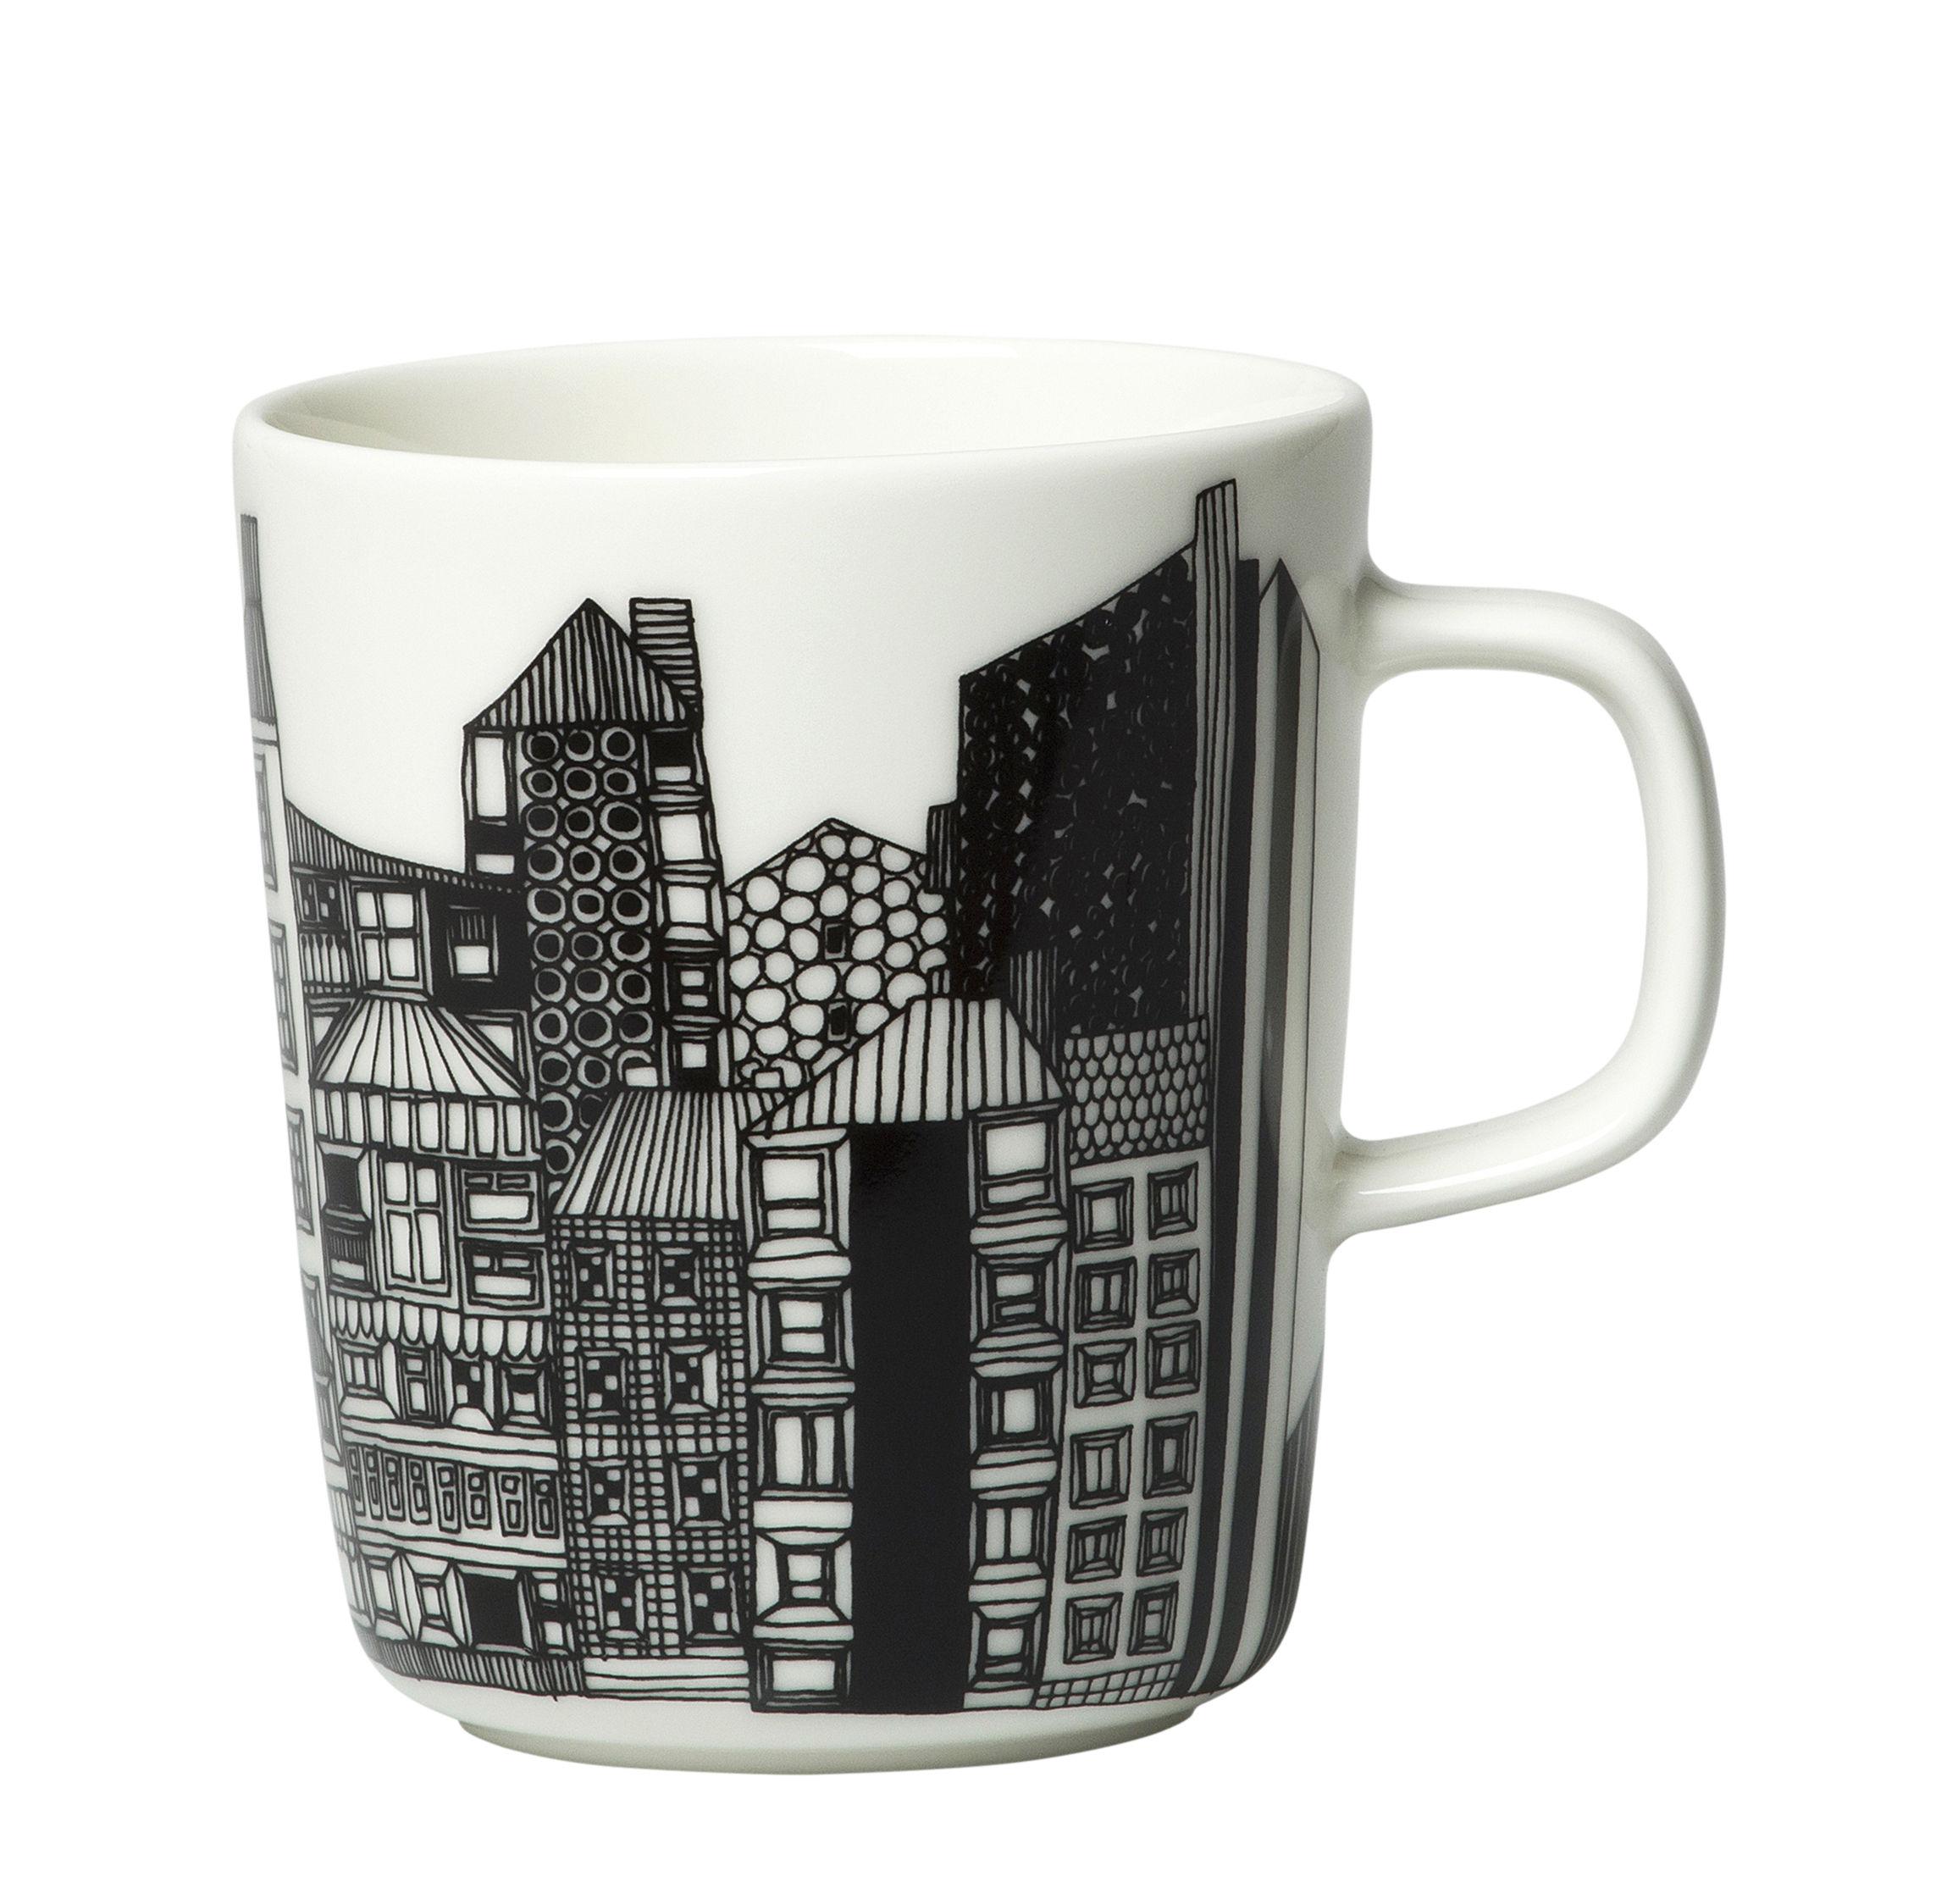 Arts de la table - Tasses et mugs - Mug Siirtolapuutarha / 25 cl - Edition 10ème anniversaire - Marimekko - Siirtolapuutarha / Or, noir & blanc - Grès